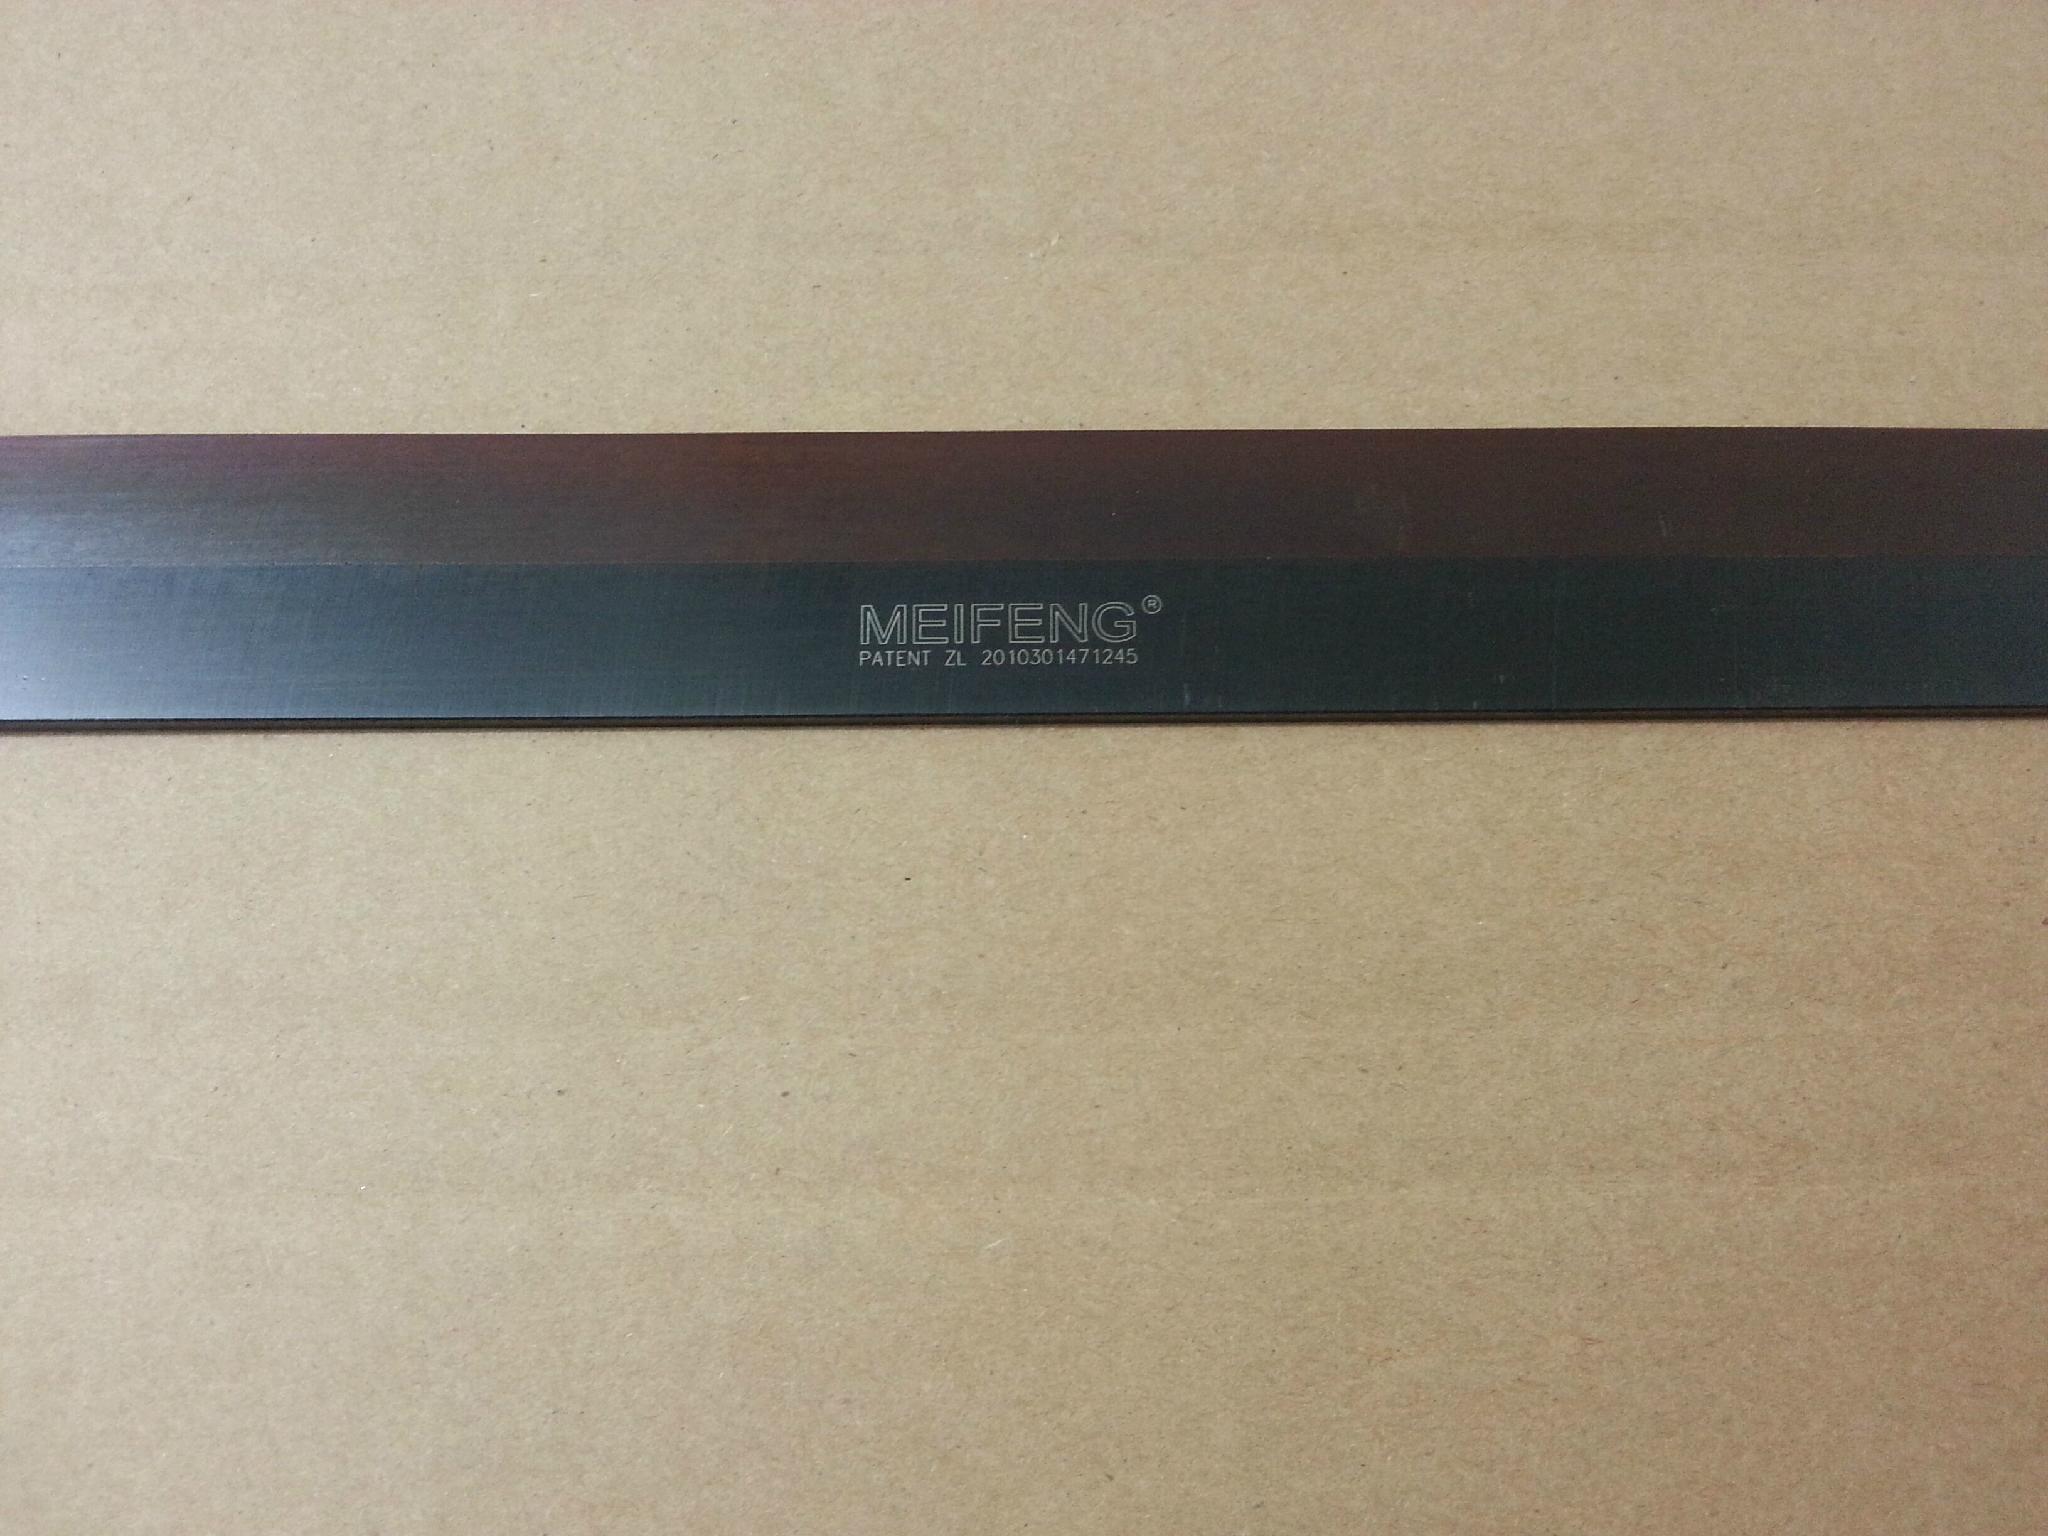 超硬鈷高速鋼黑鉋刀 1